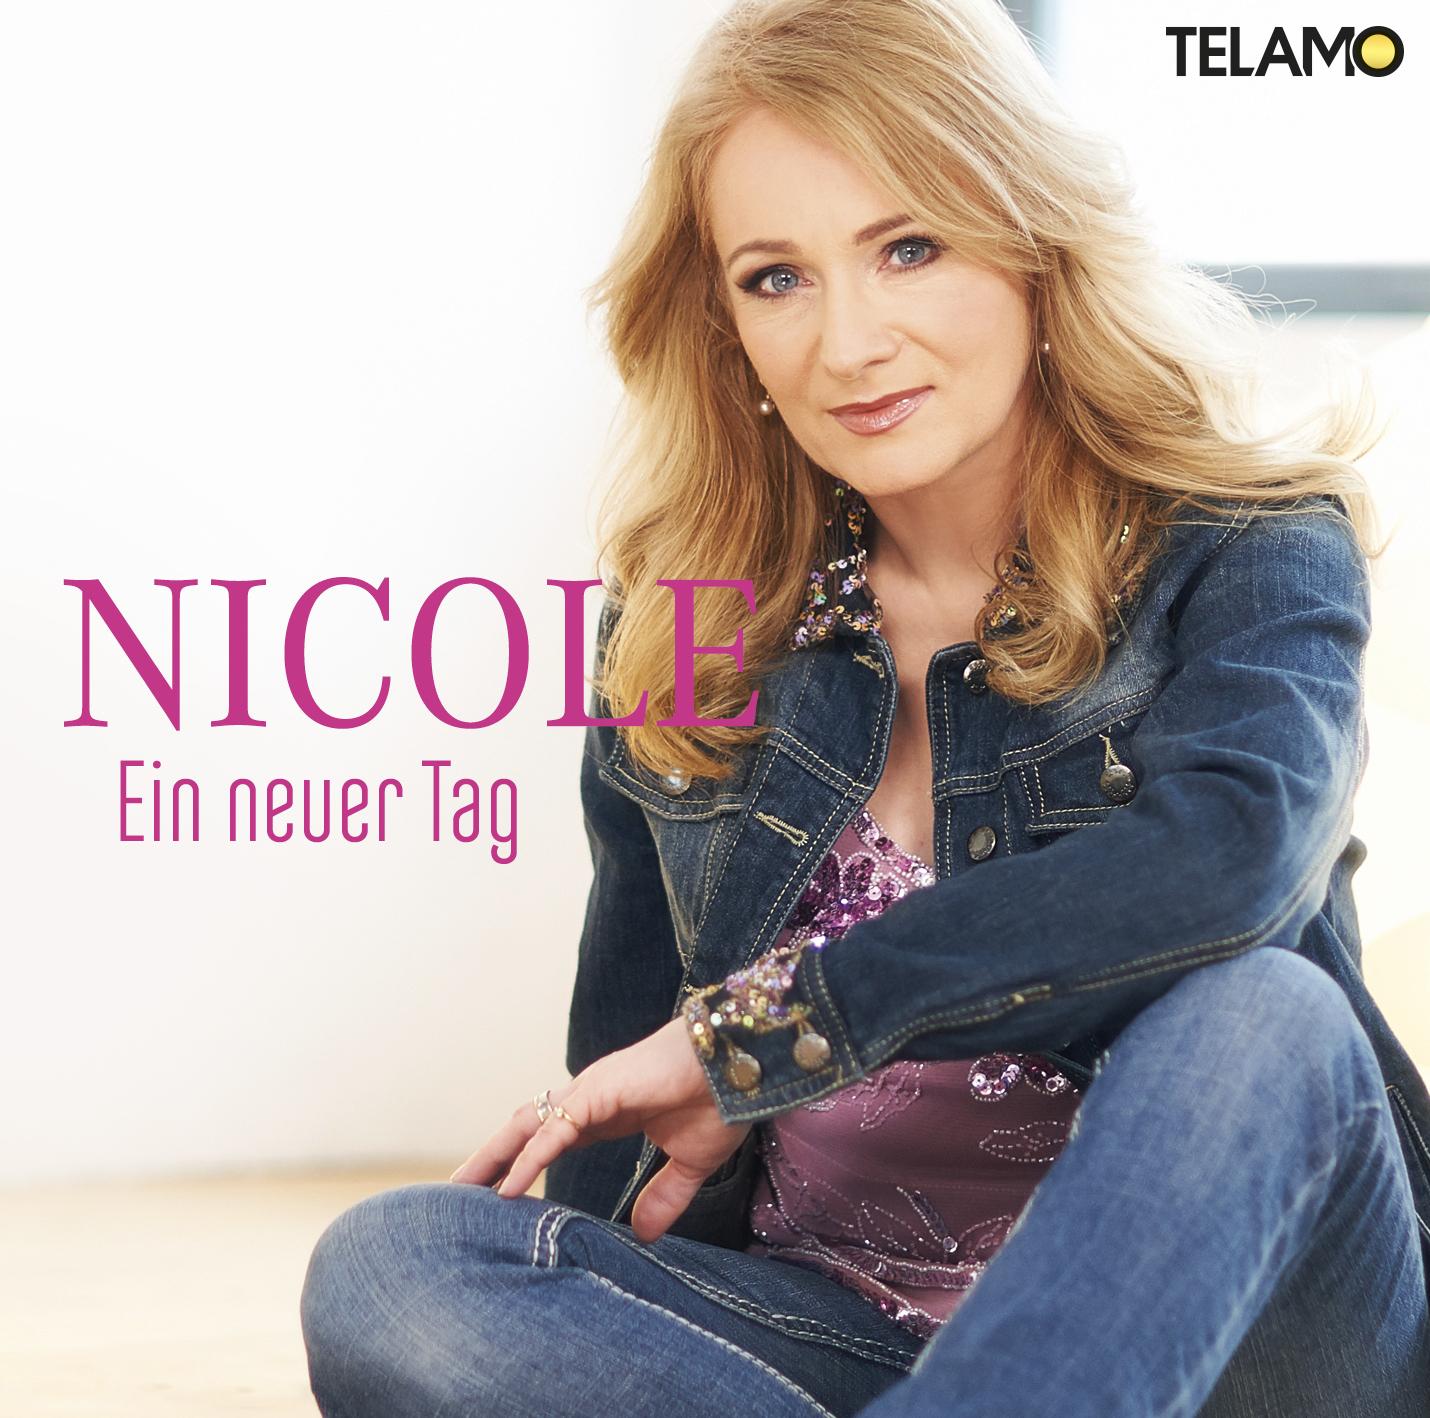 Nicole kreft dating seiten